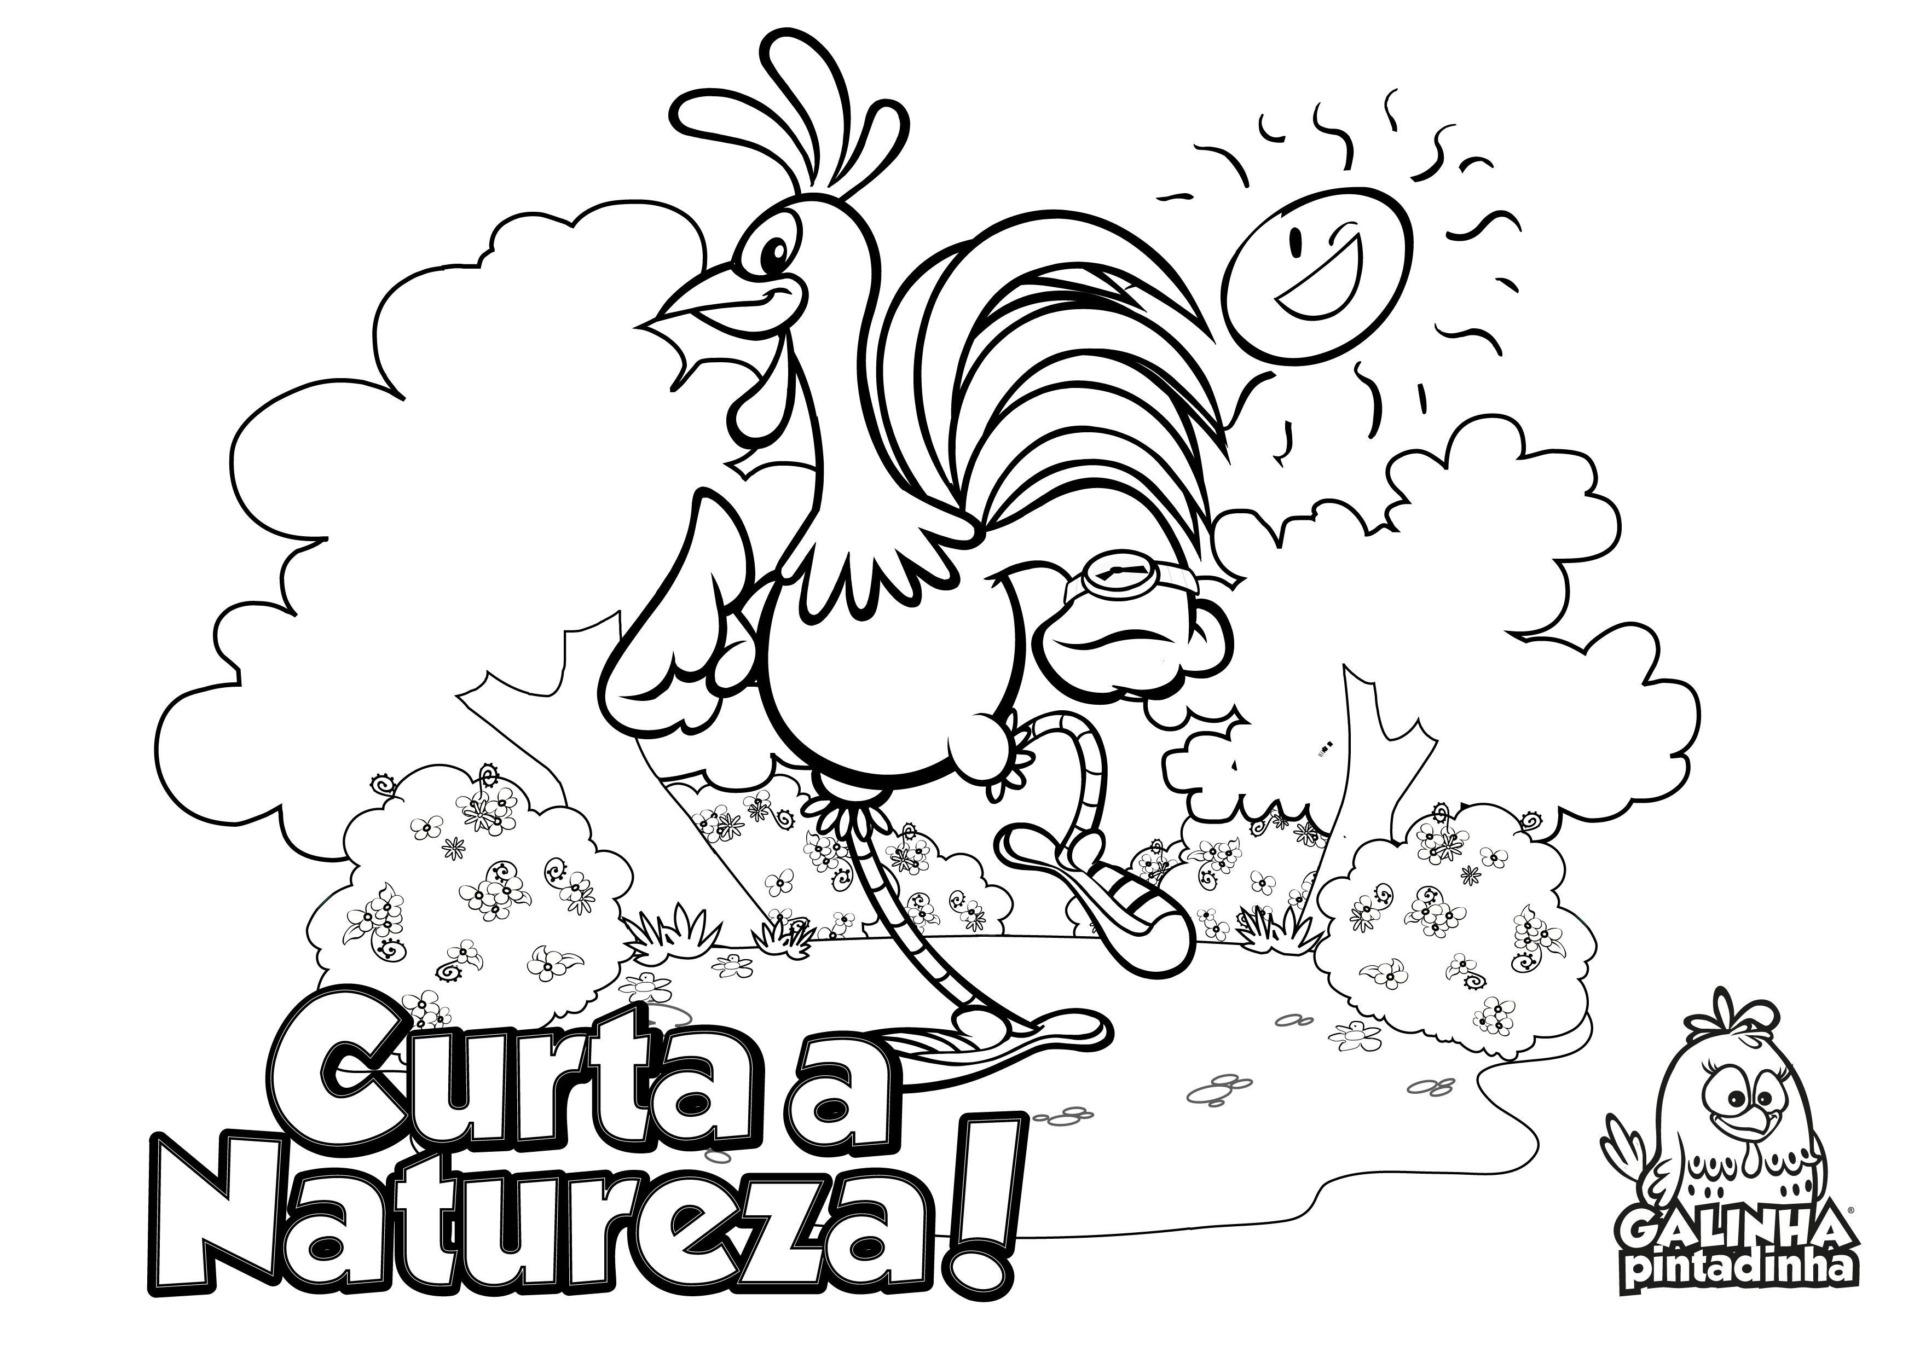 Preferência Desenhos para colorir - Site Oficial da Galinha Pintadinha UI23